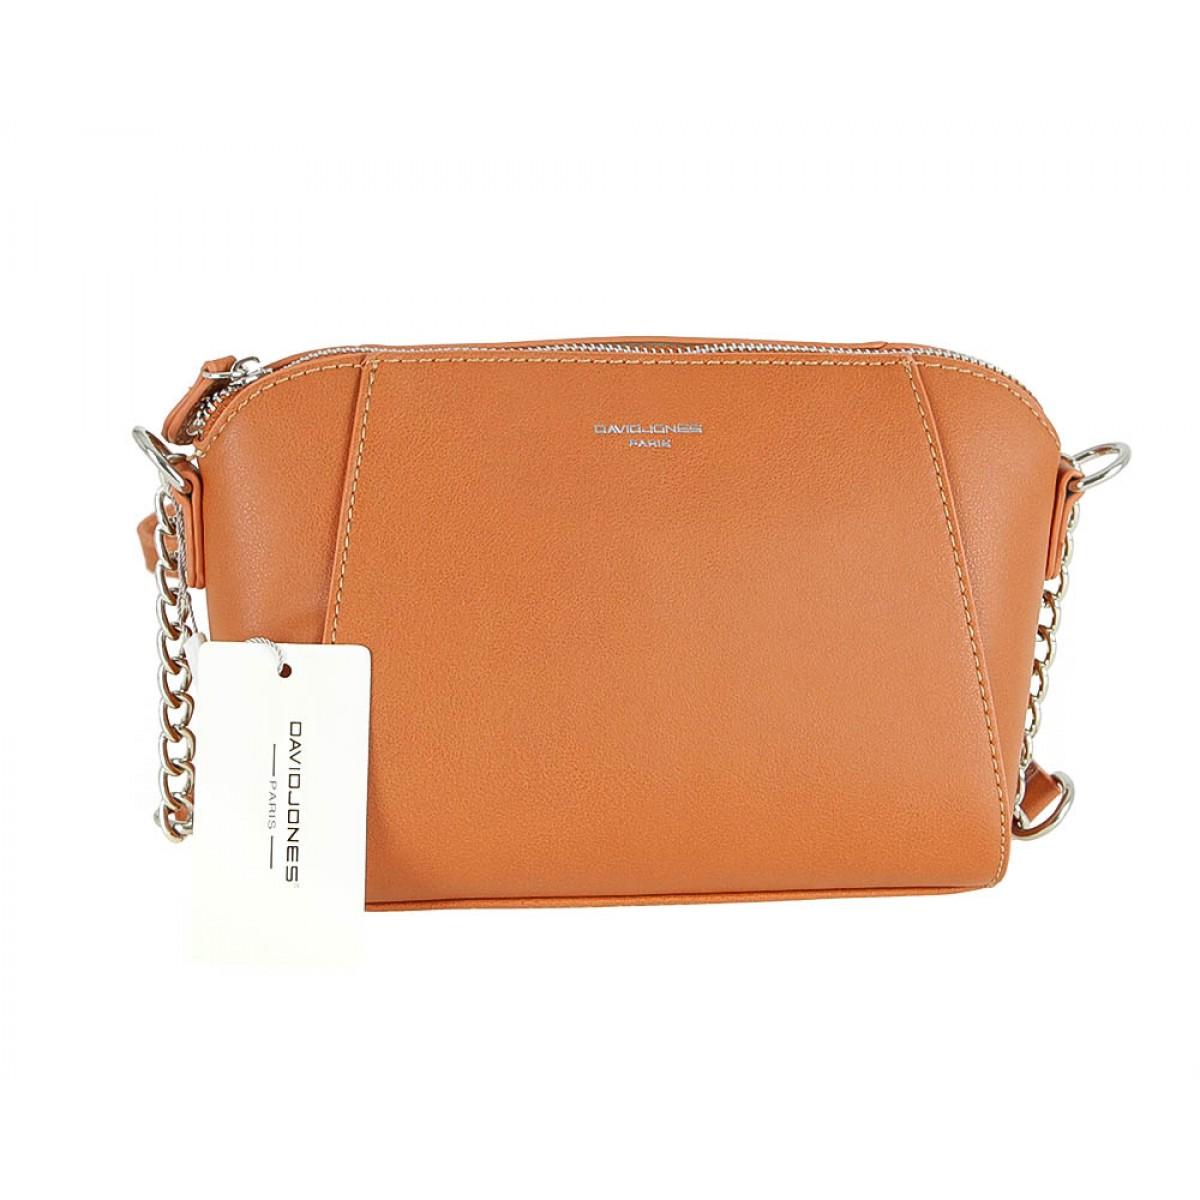 Жіноча сумка David Jones CM5024 COGNAC